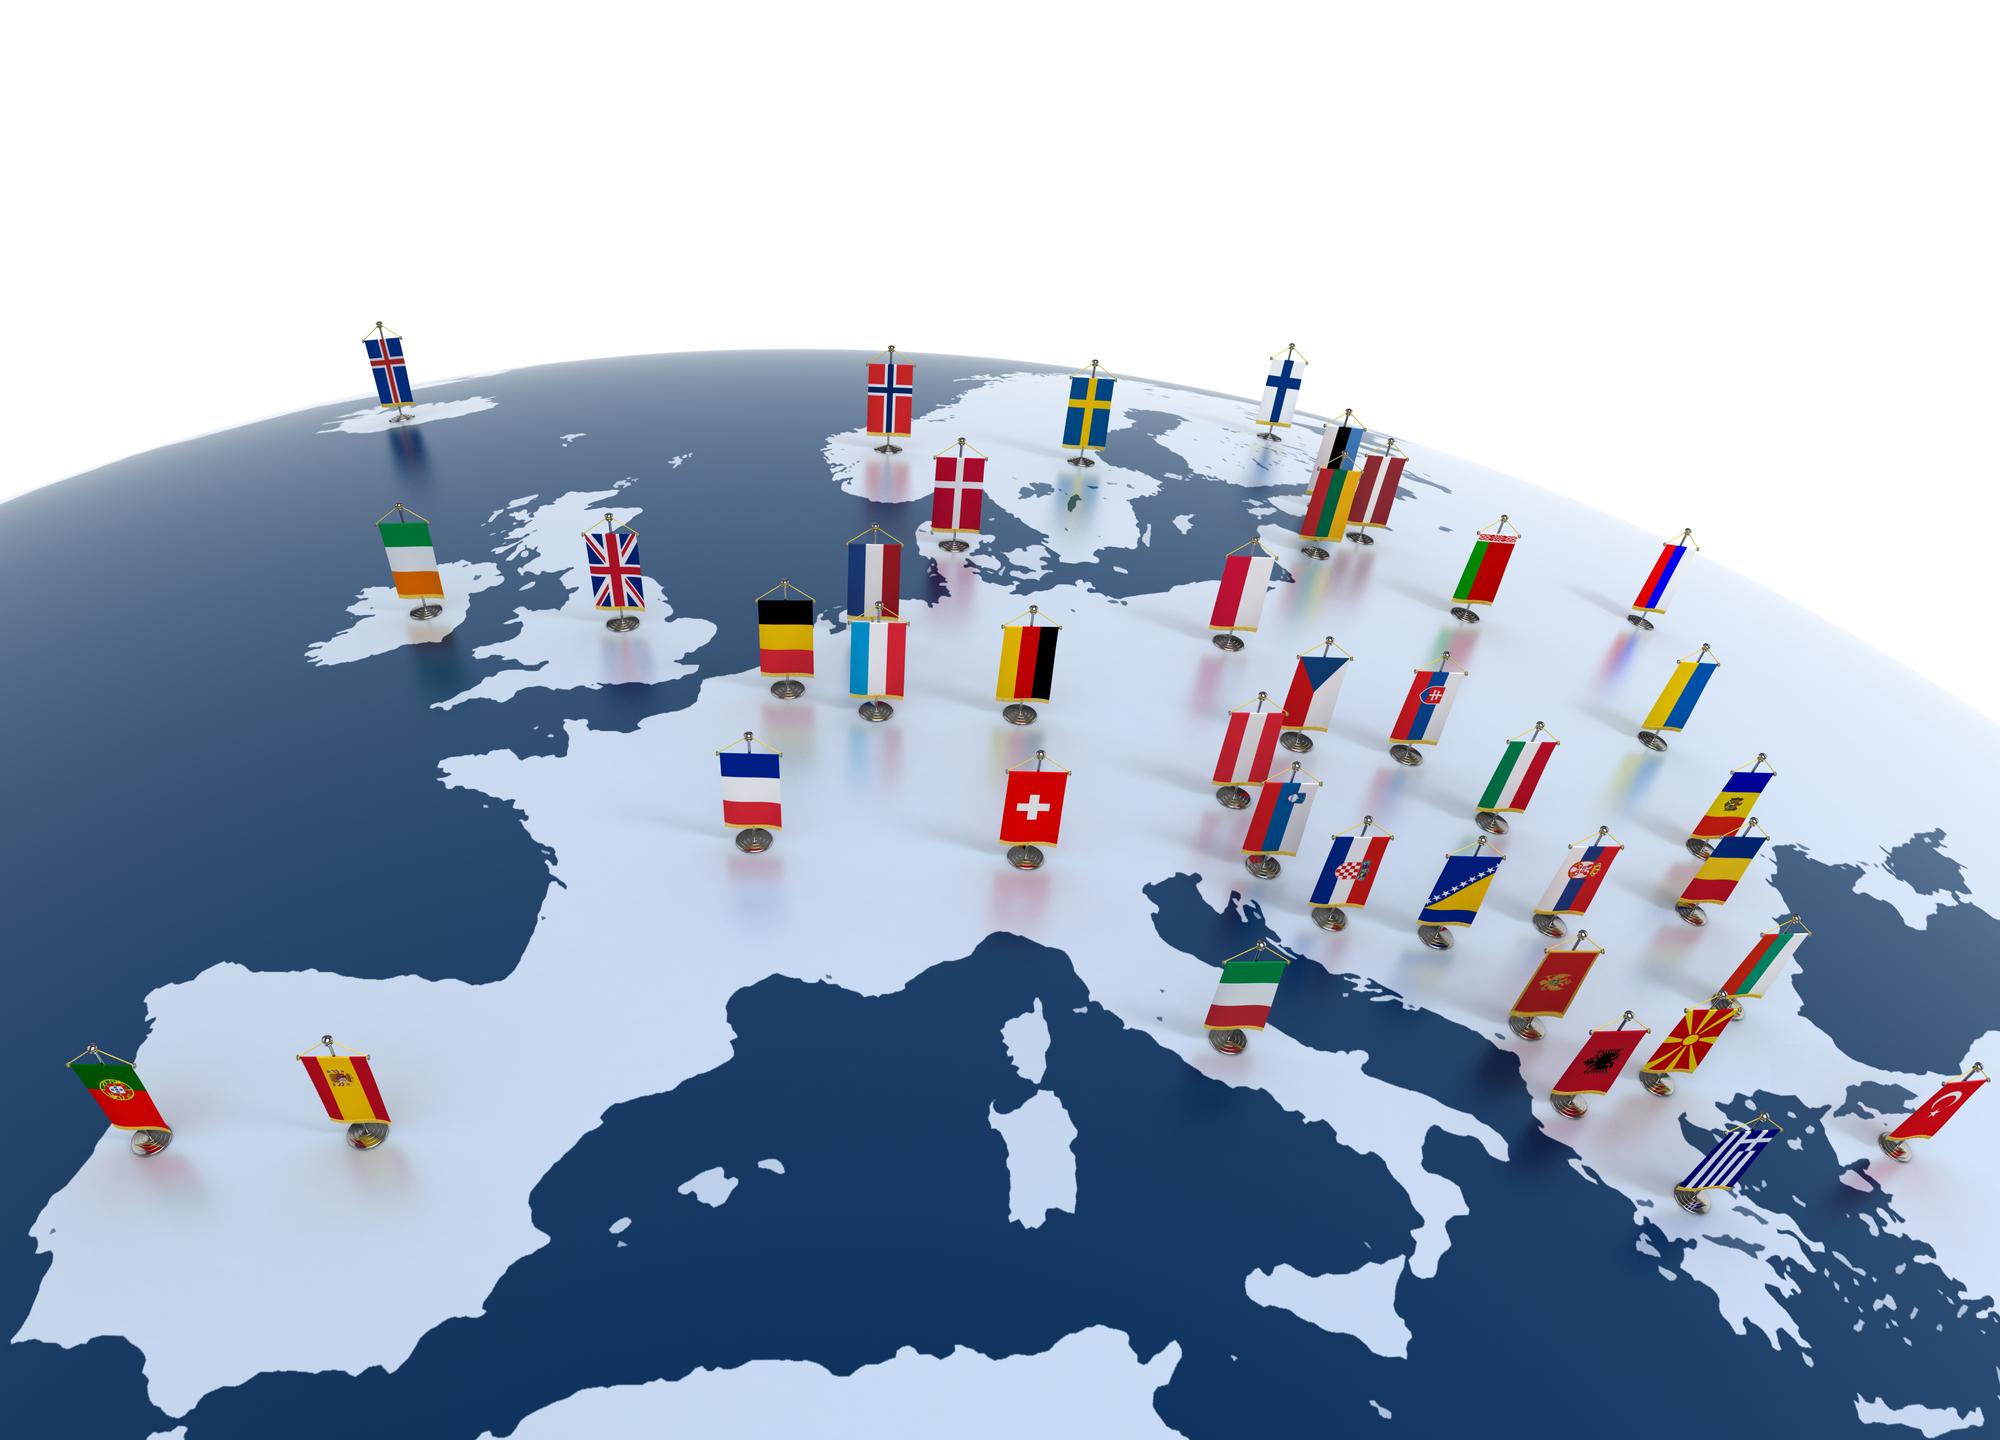 L'Union européenne parviendra-t-elle un jour à mettre en place une stratégie européenne pour les déplacements ? /crédit DepositPhoto